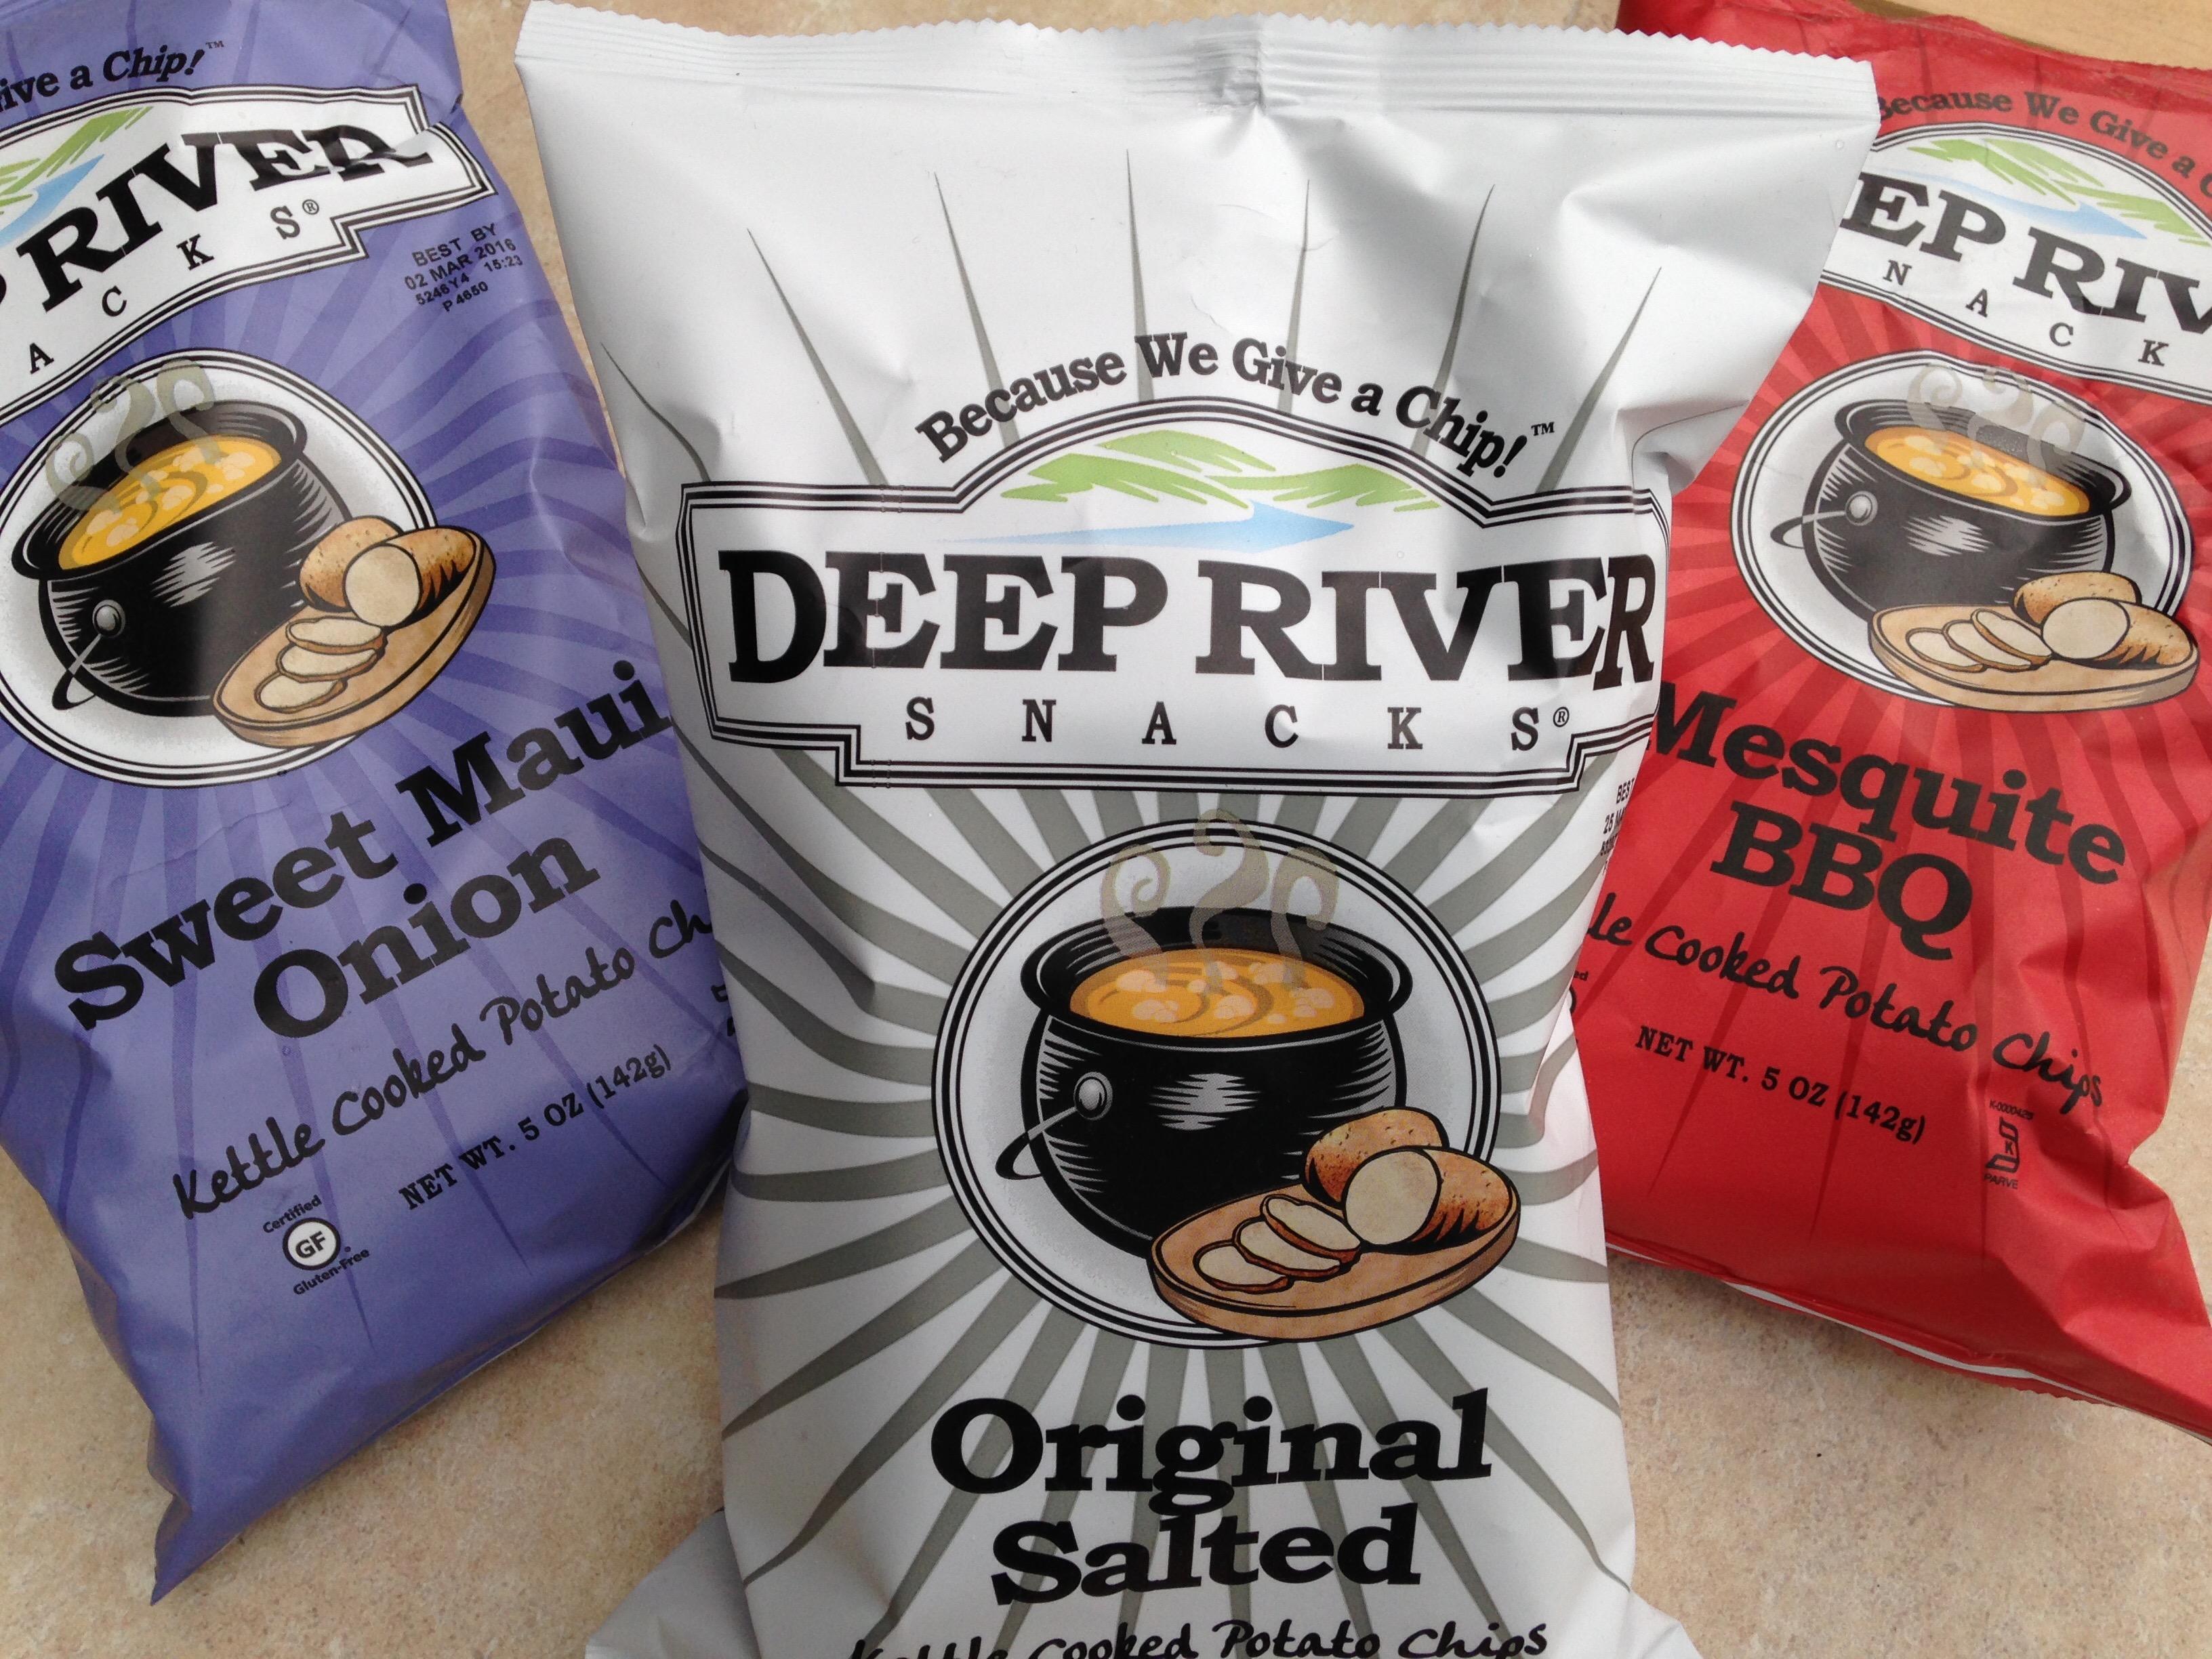 Large Bag Deep River Chips Image